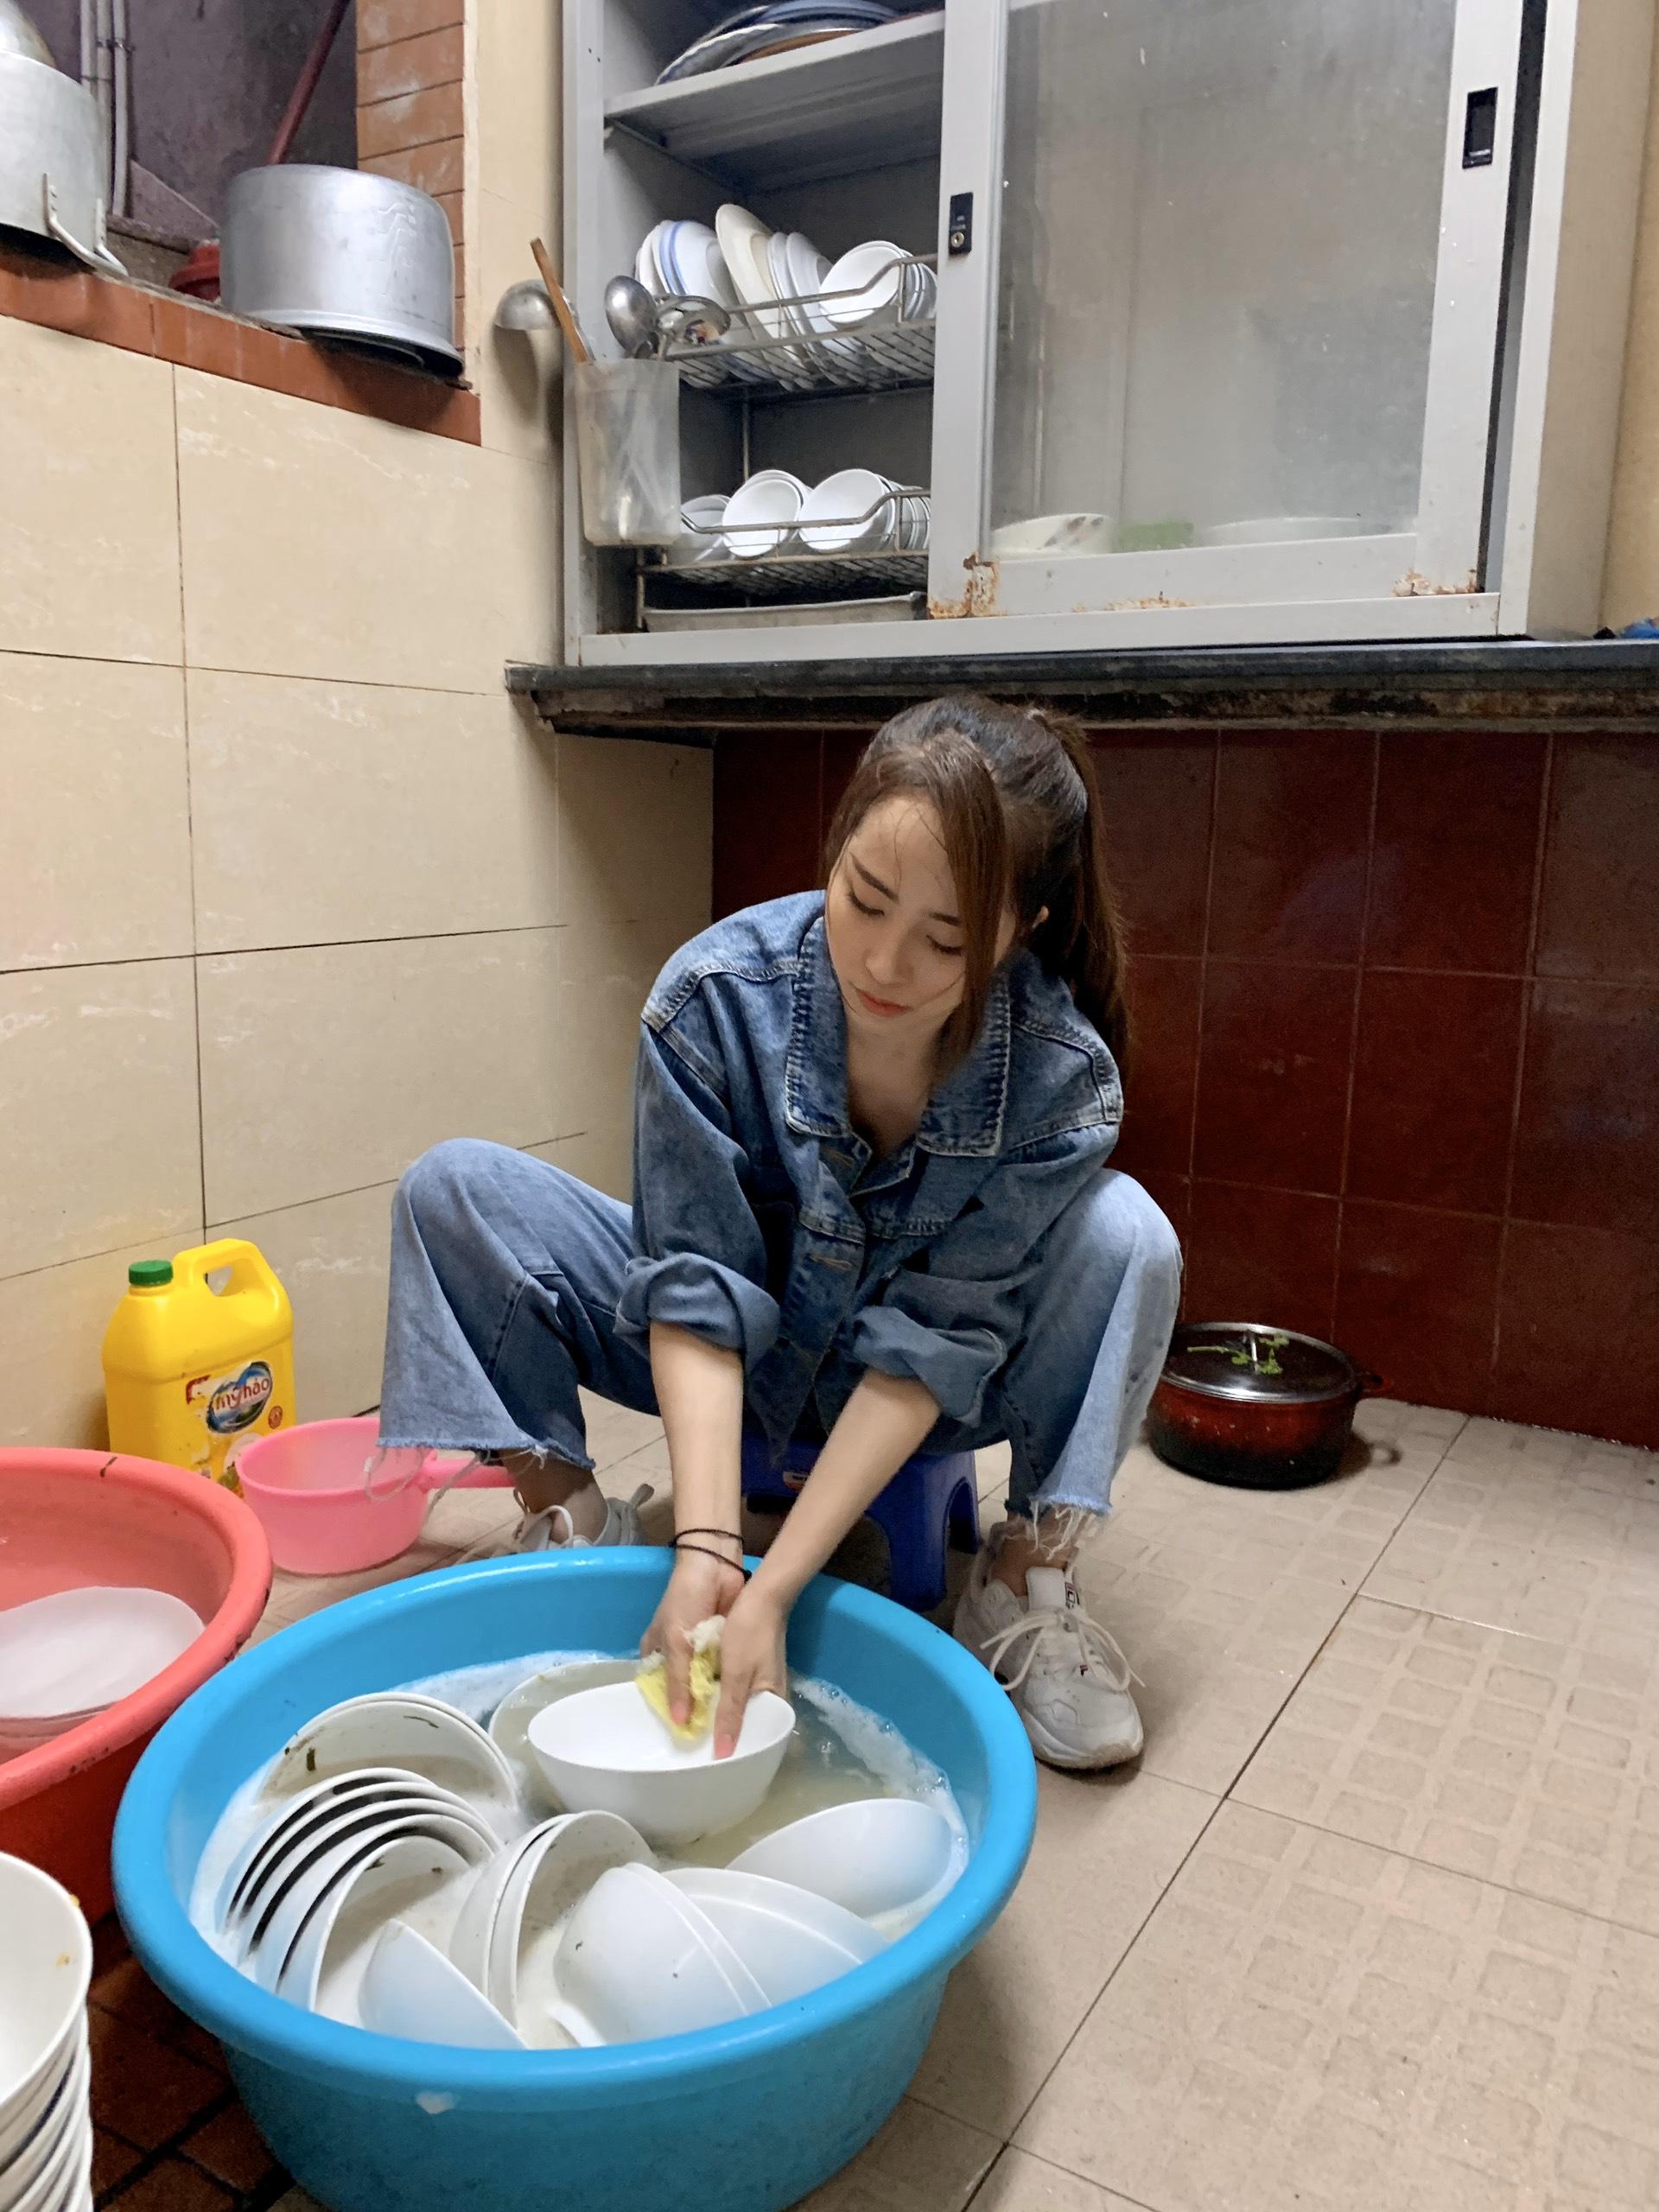 Quỳnh Nga 'nếm trải' lao động tay chân, vất vả để mưu sinh 3